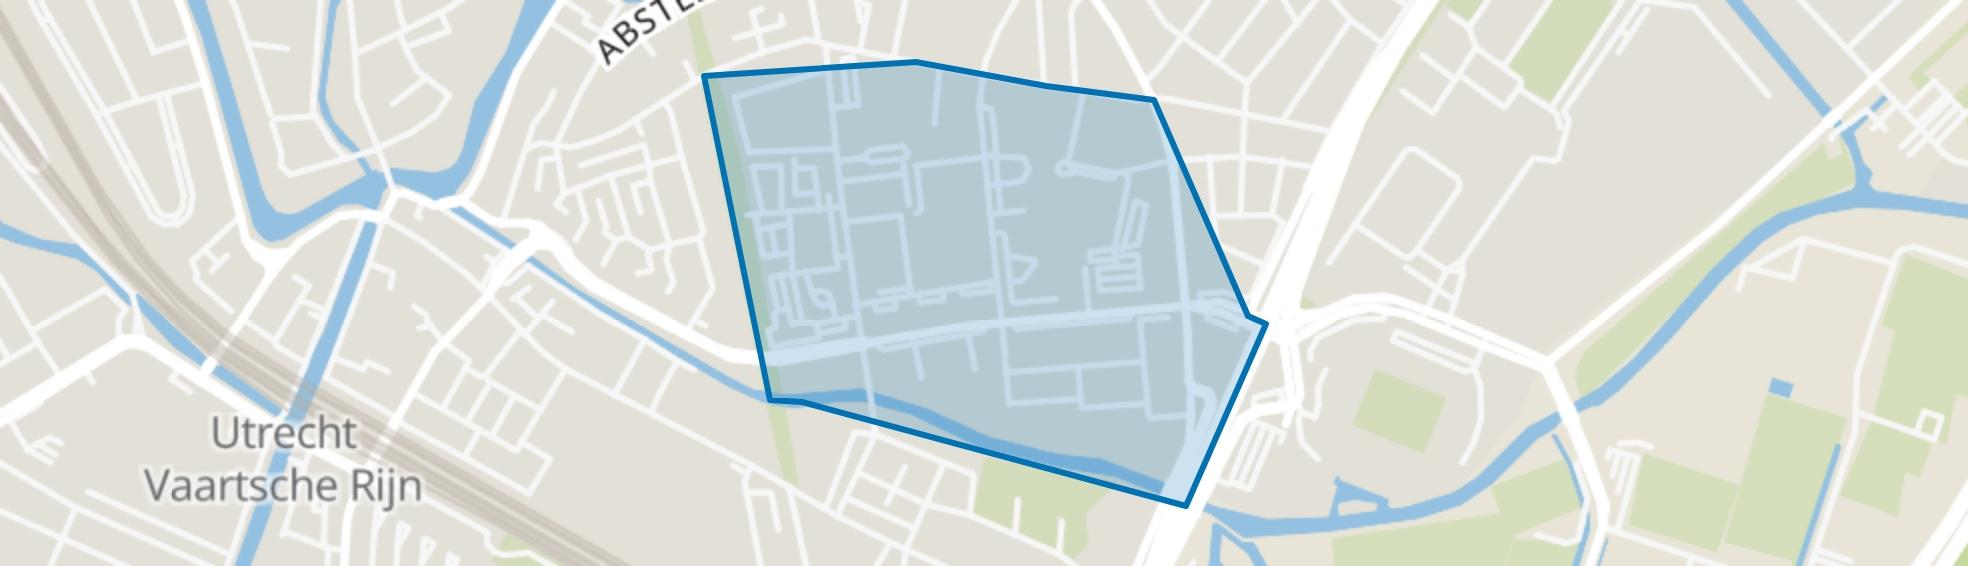 Rubenslaan en omgeving, Utrecht map